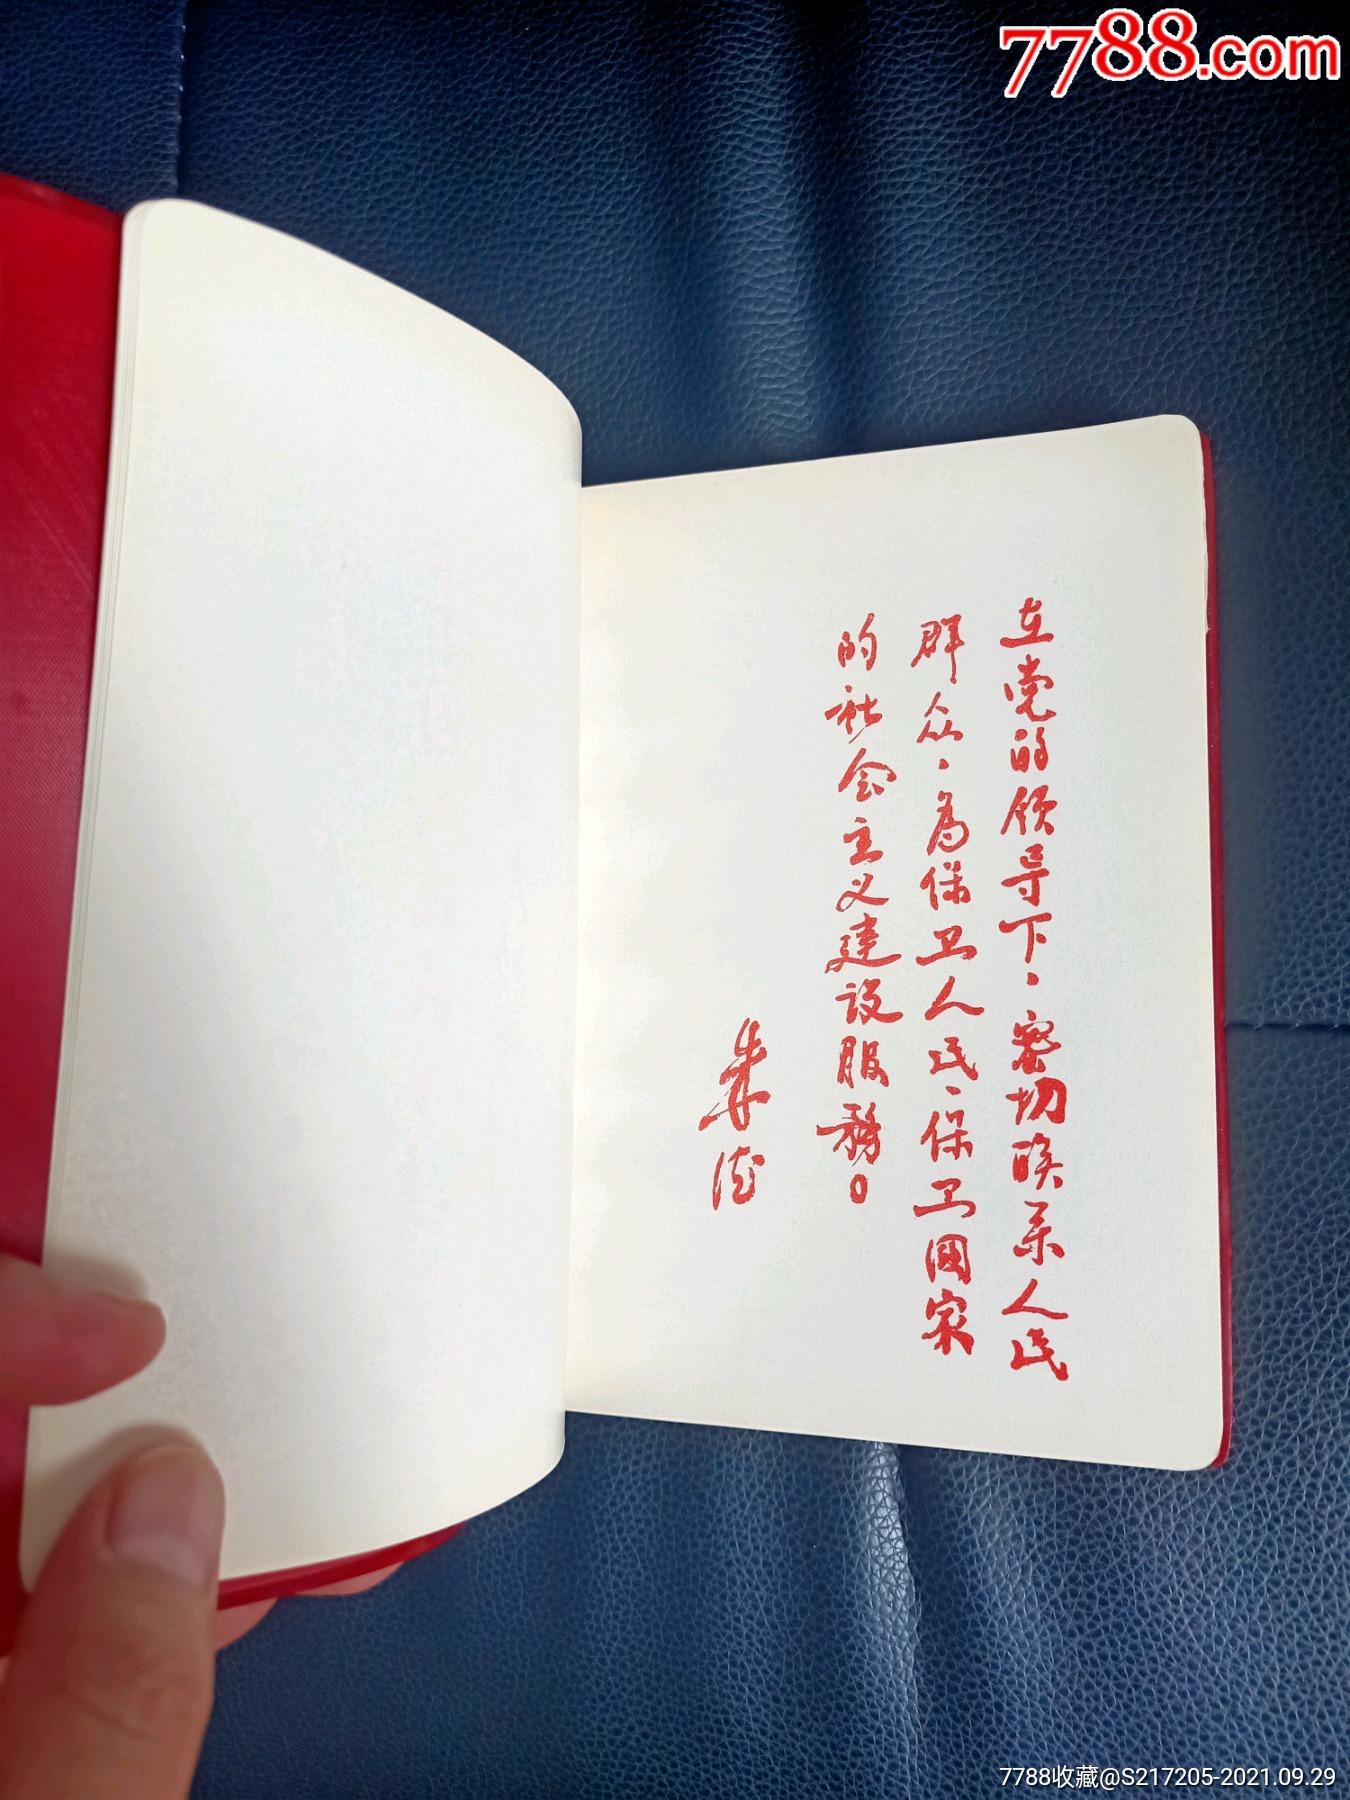 美品未用北京市*安局治保会和治保积极分子笔记本_价格50元_第11张_